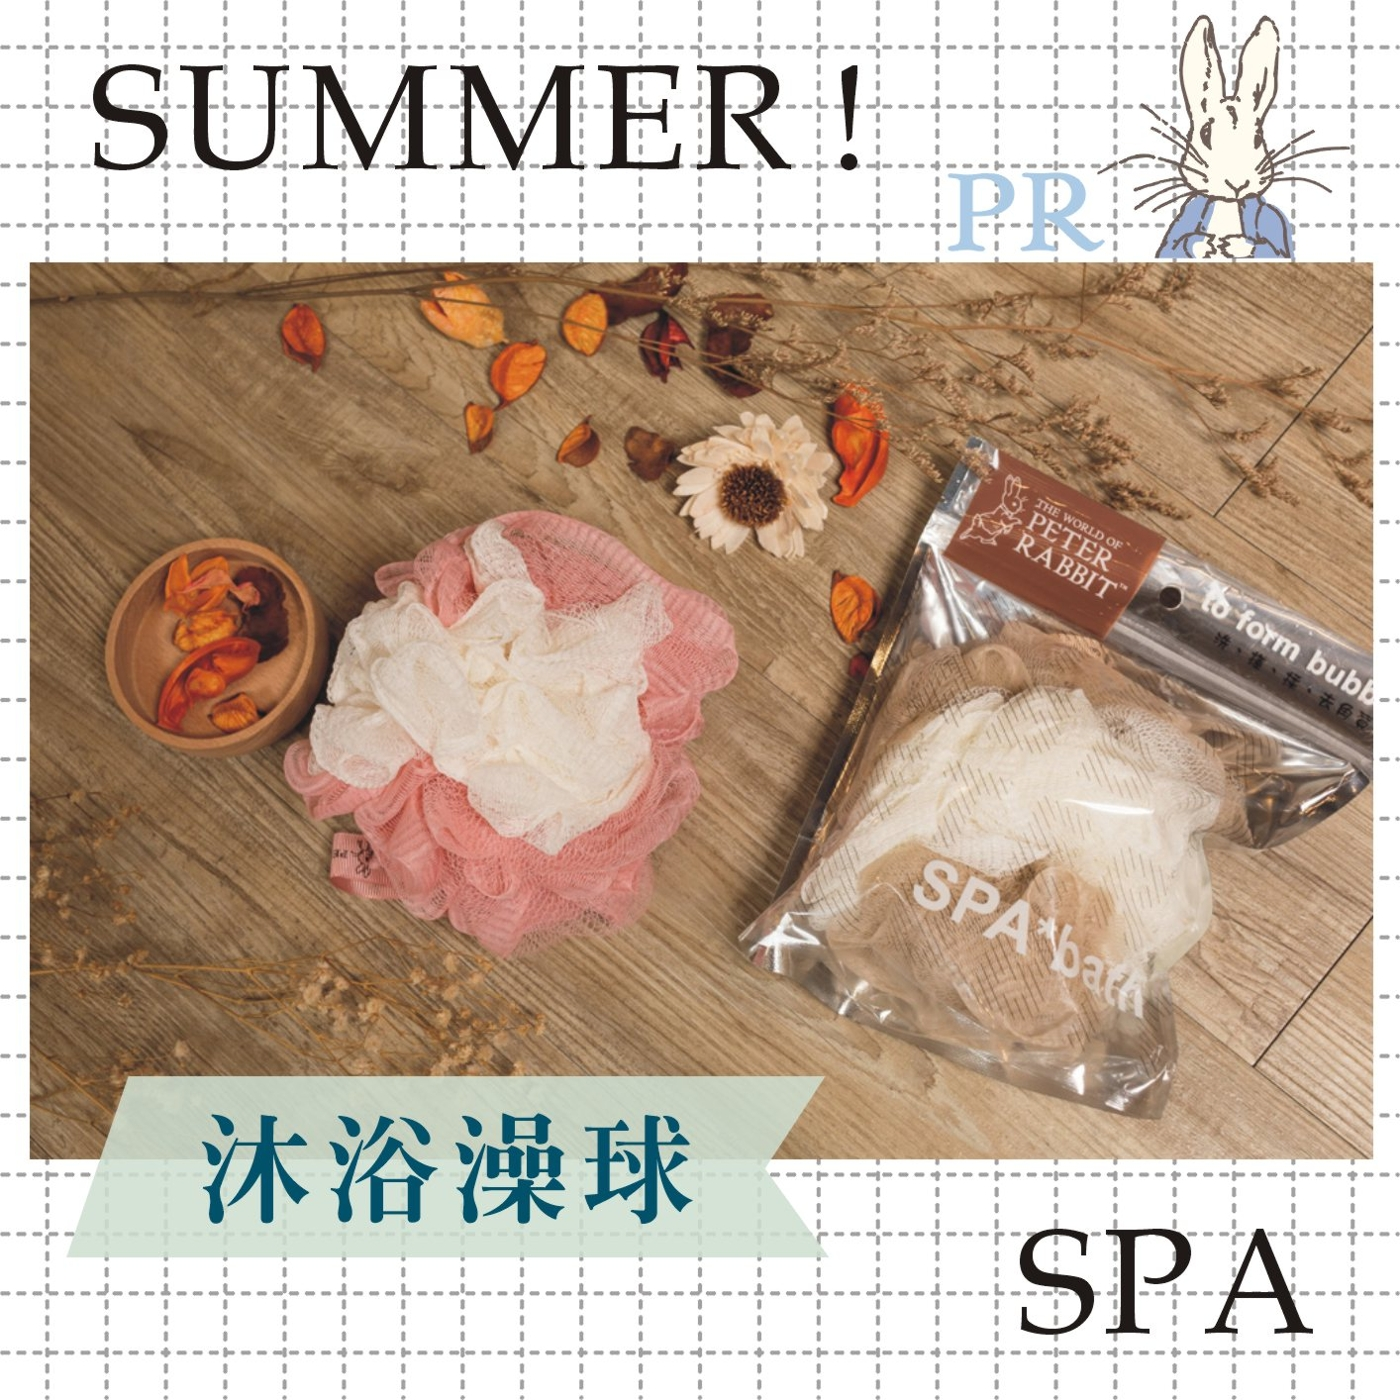 比得兔/彼得兔 SPA潔膚沐浴澡球 - SPA3811(共2色)【YS SHOP】